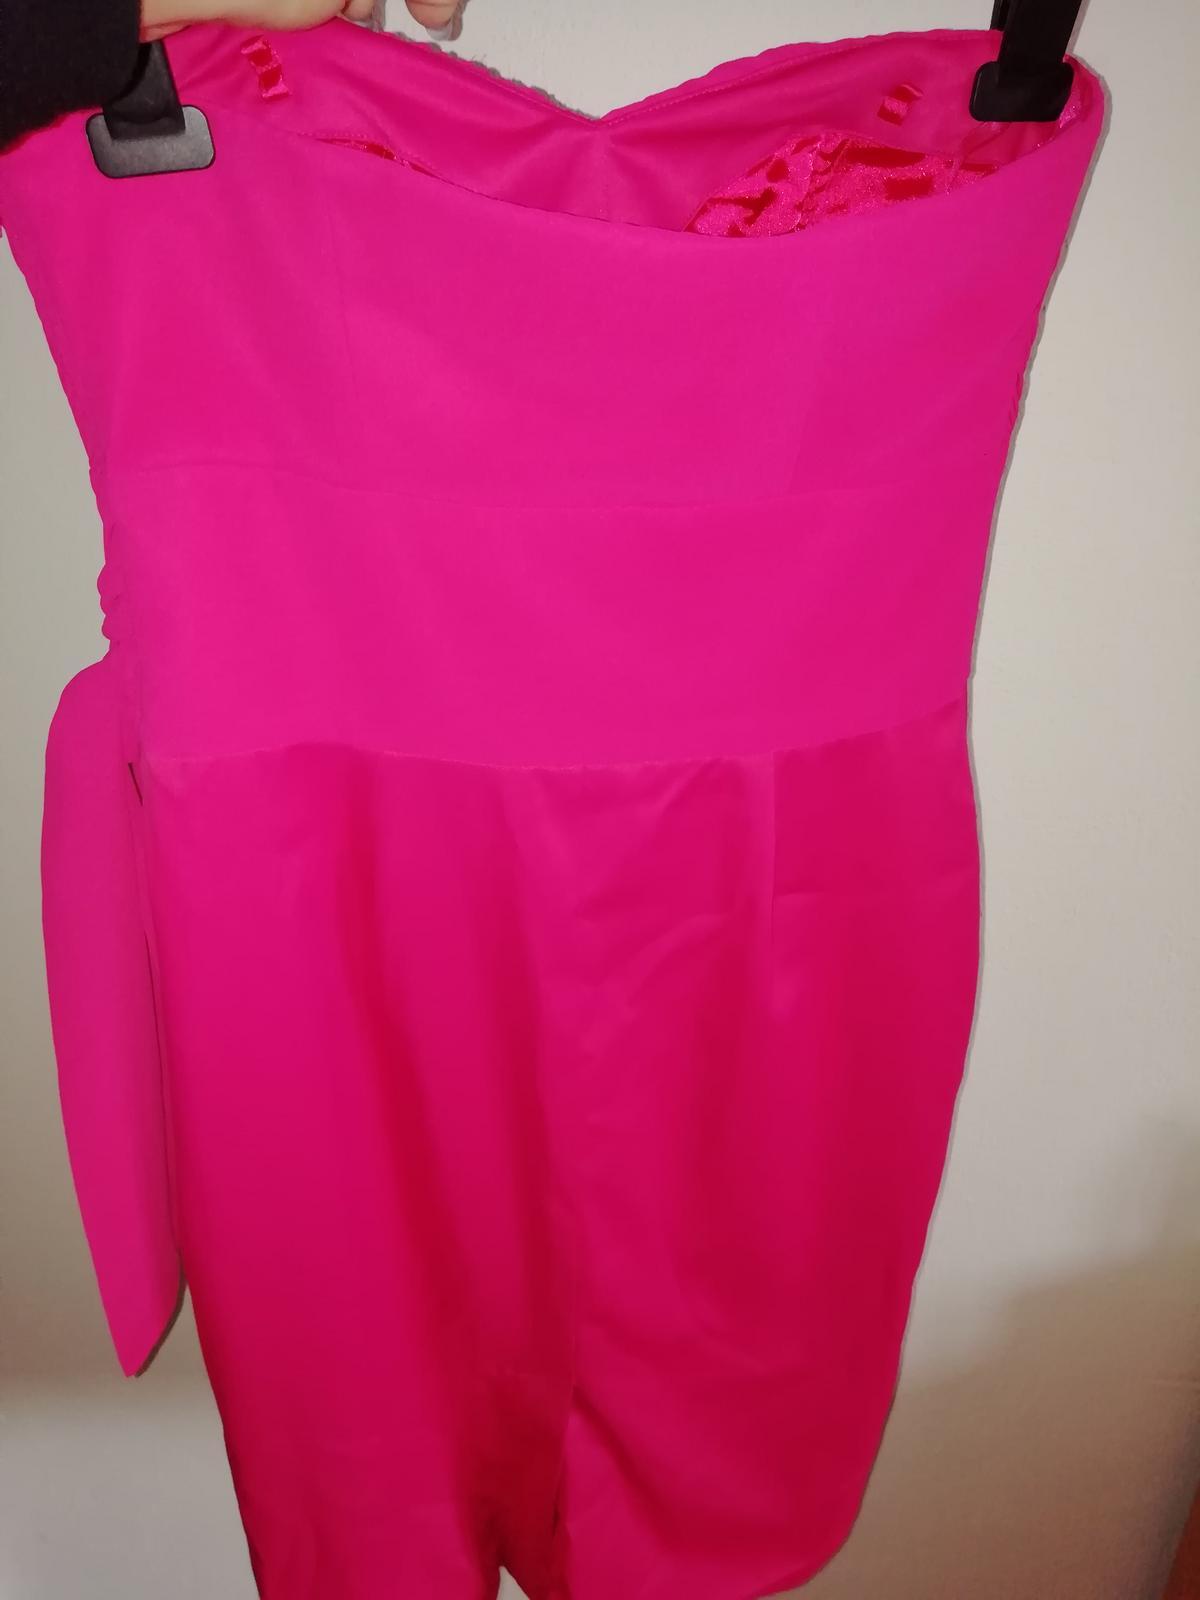 šaty ružové - Obrázok č. 1